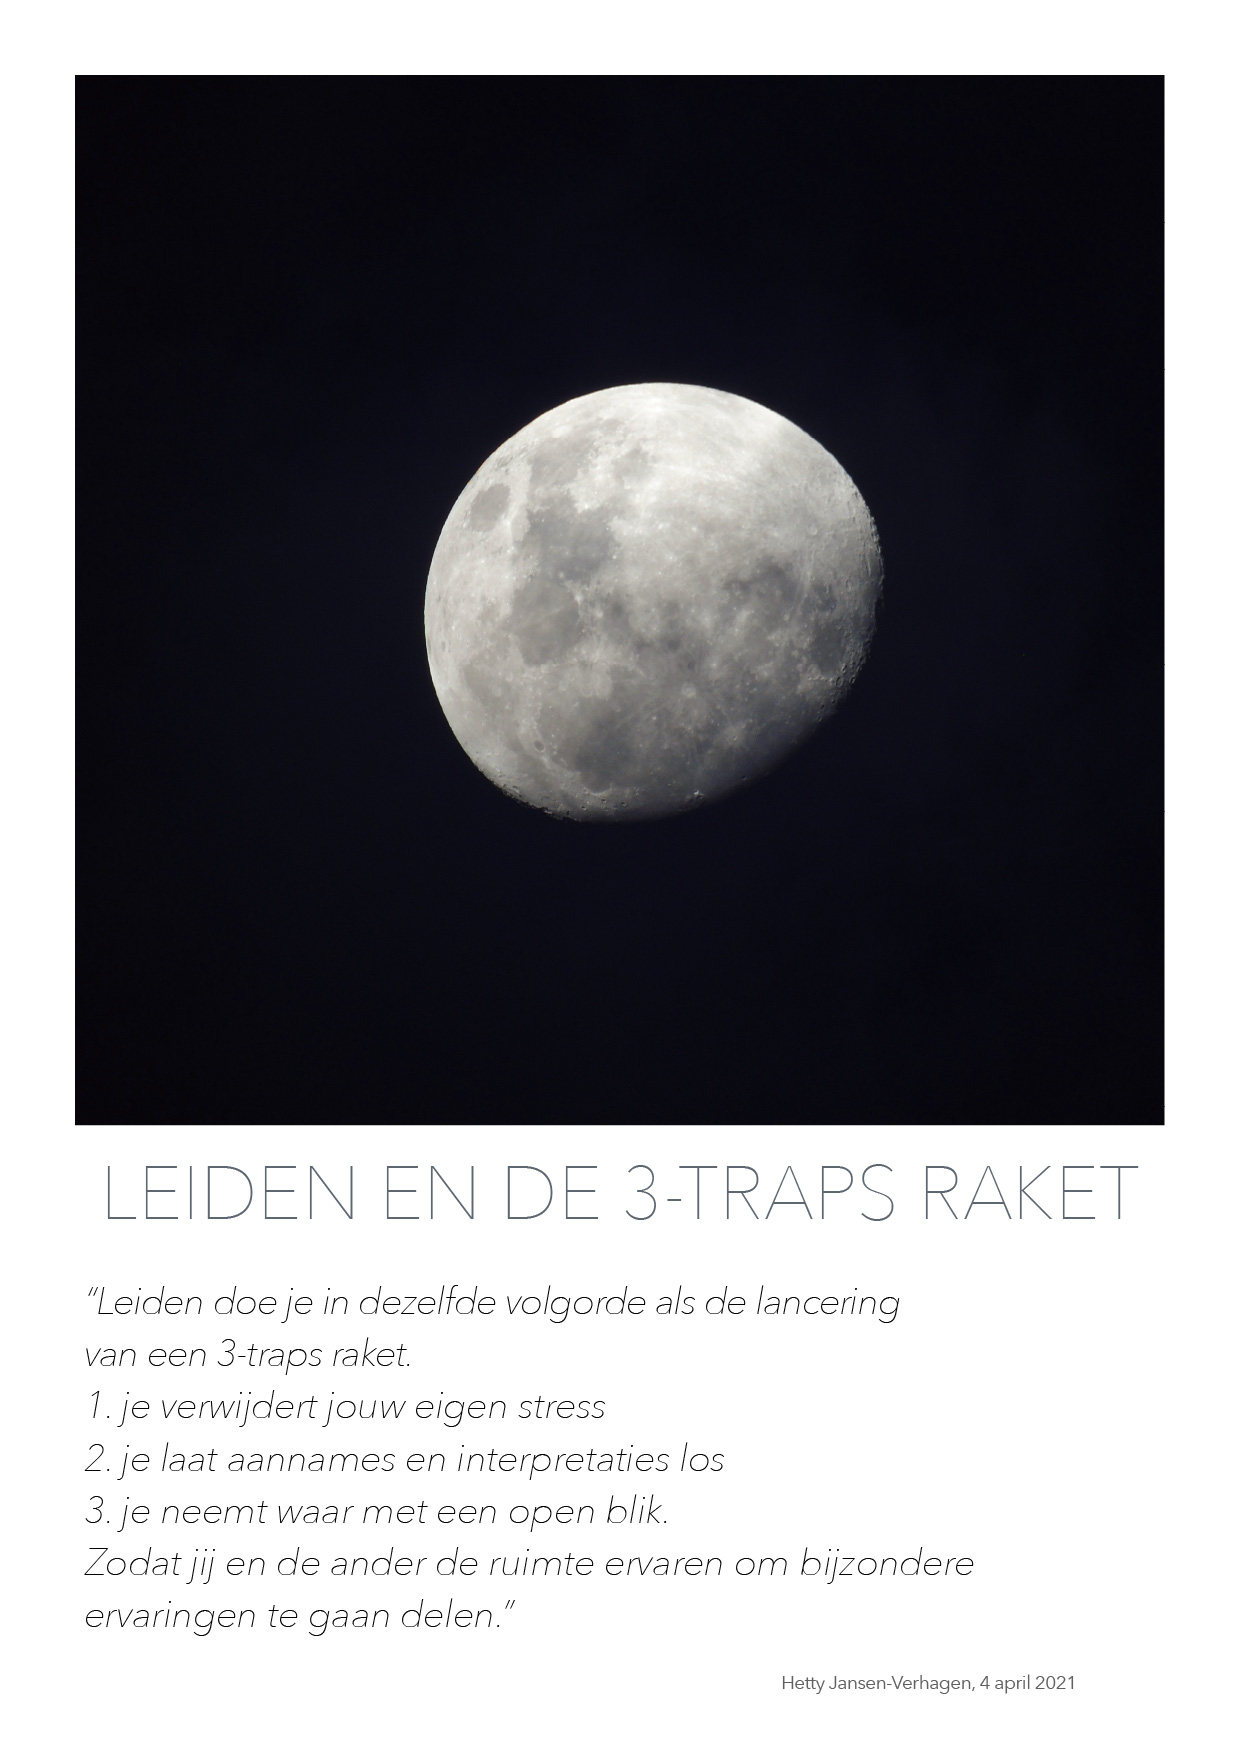 Leiden en de 3-traps raket - quote HJTC